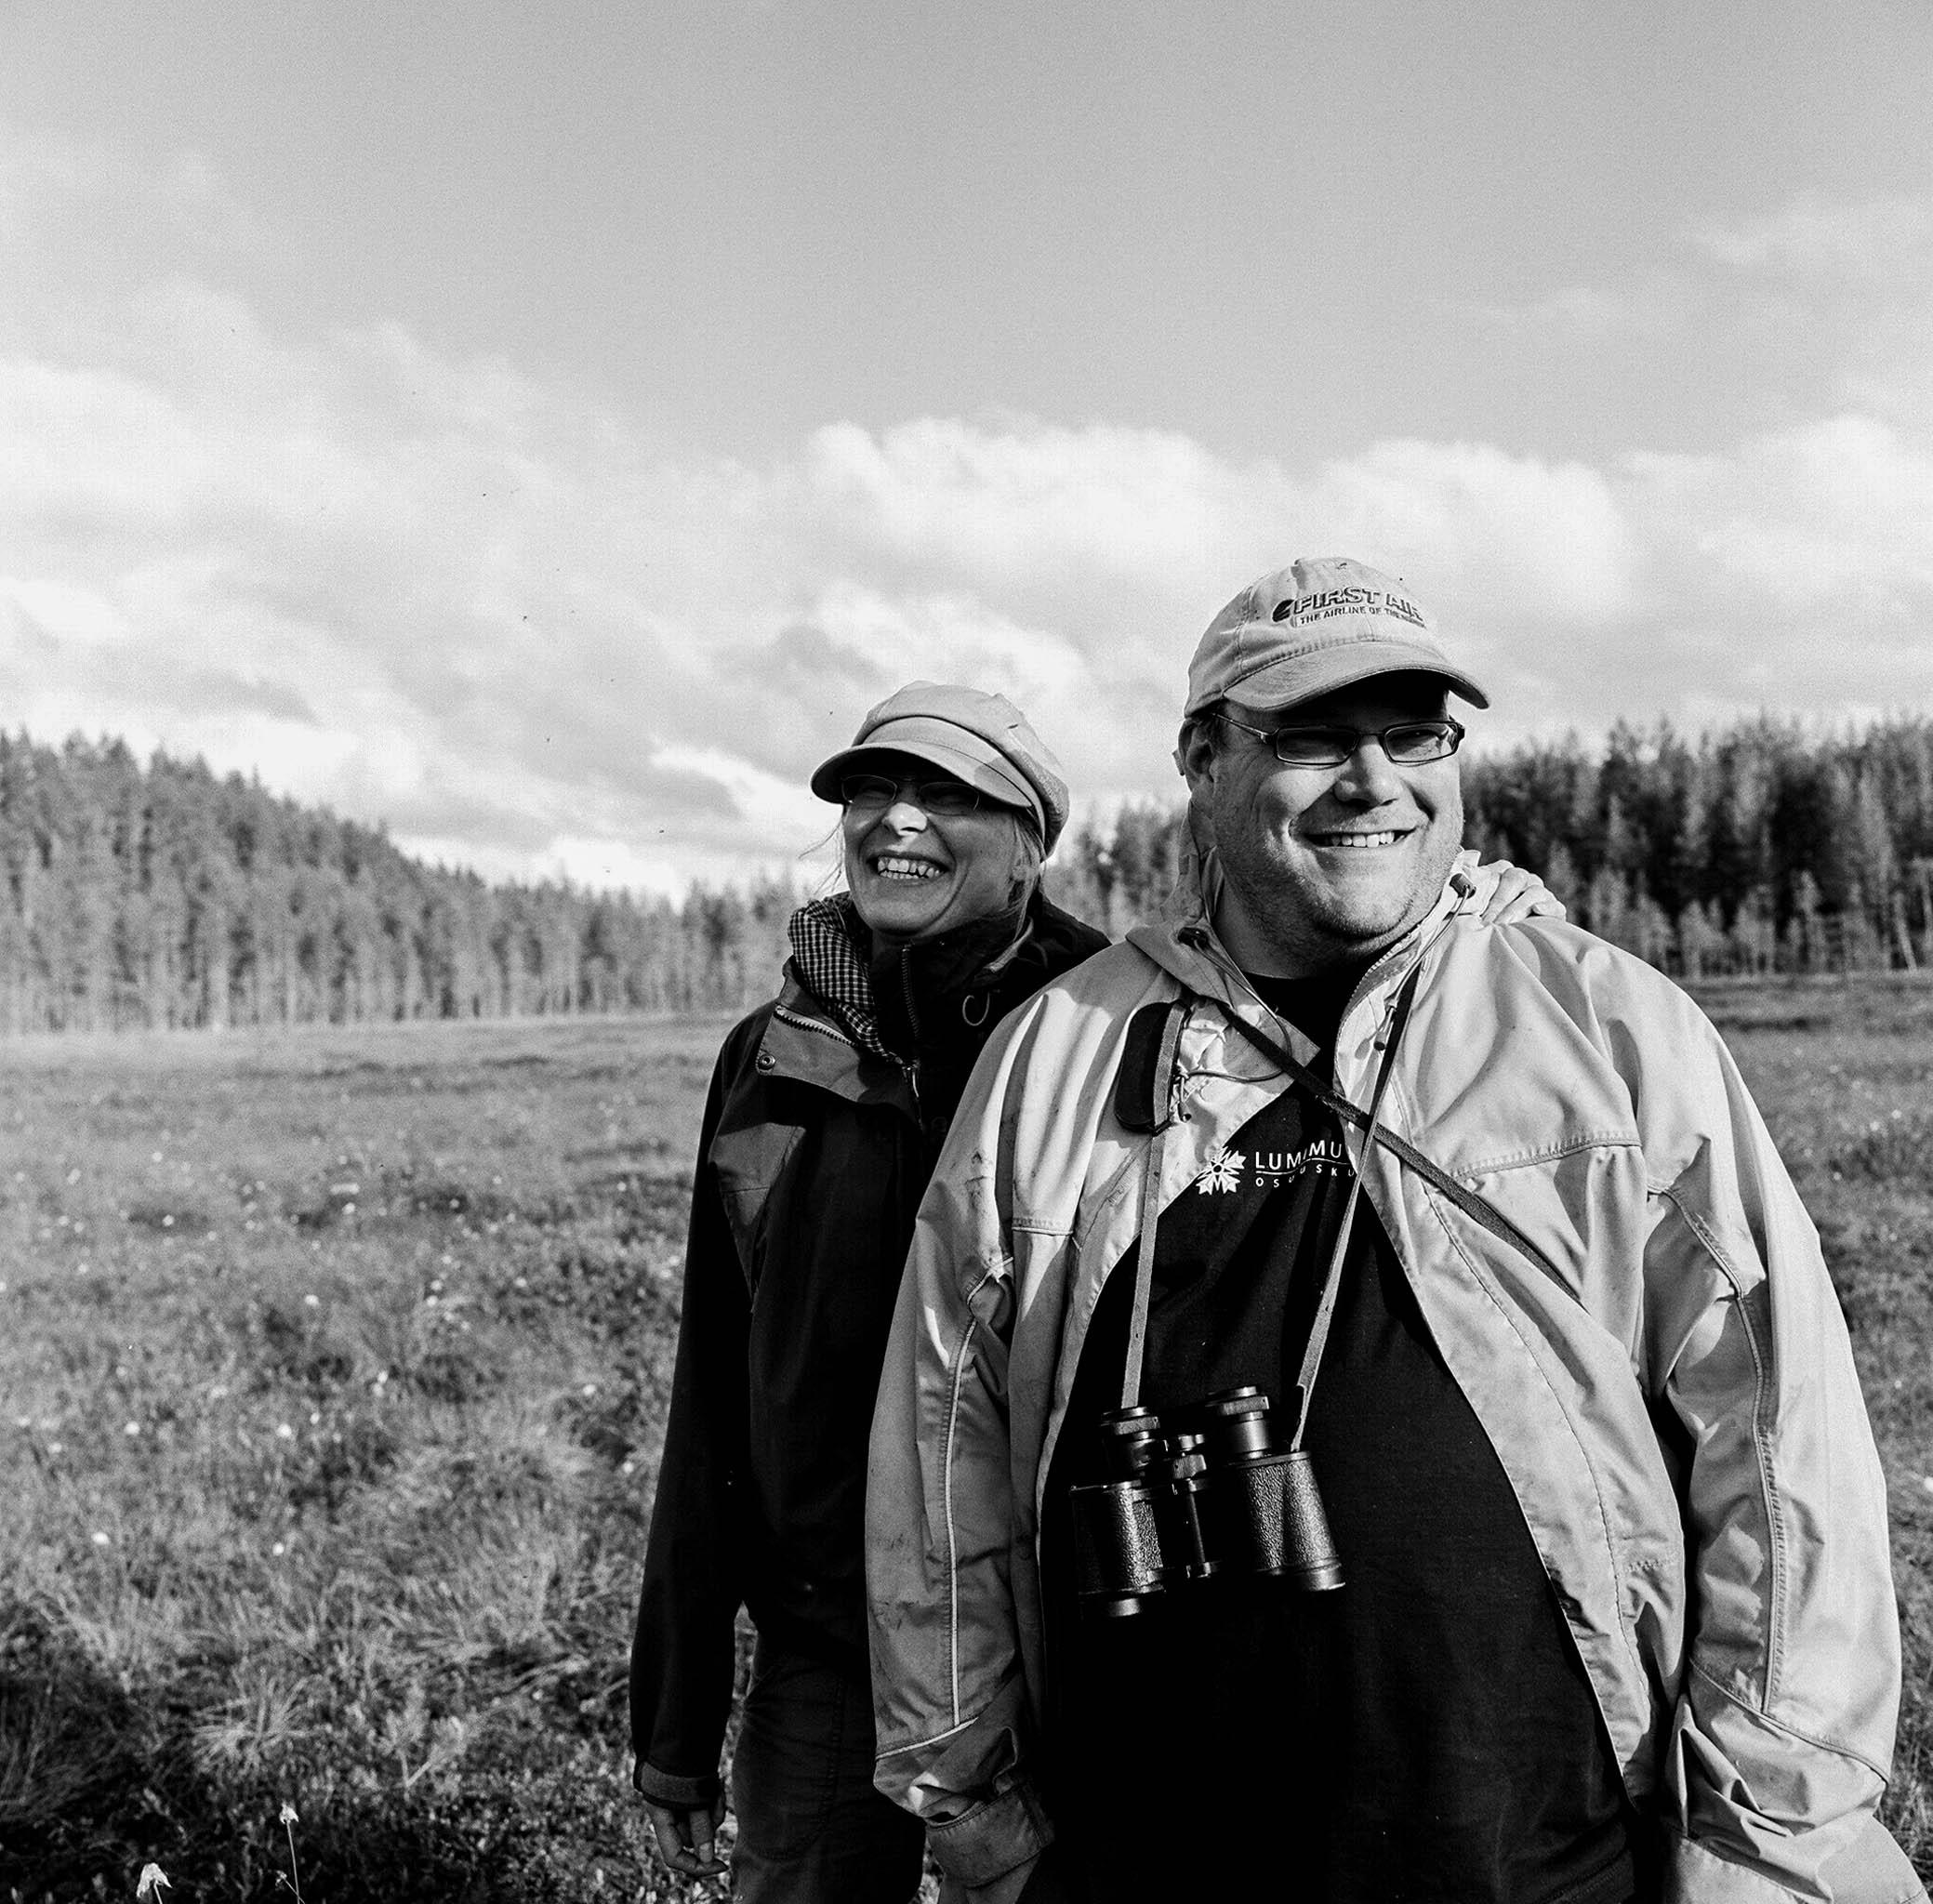 Tero and Kaisu Mustonen, Vechesuo Marshmire, near Selkie, Finland